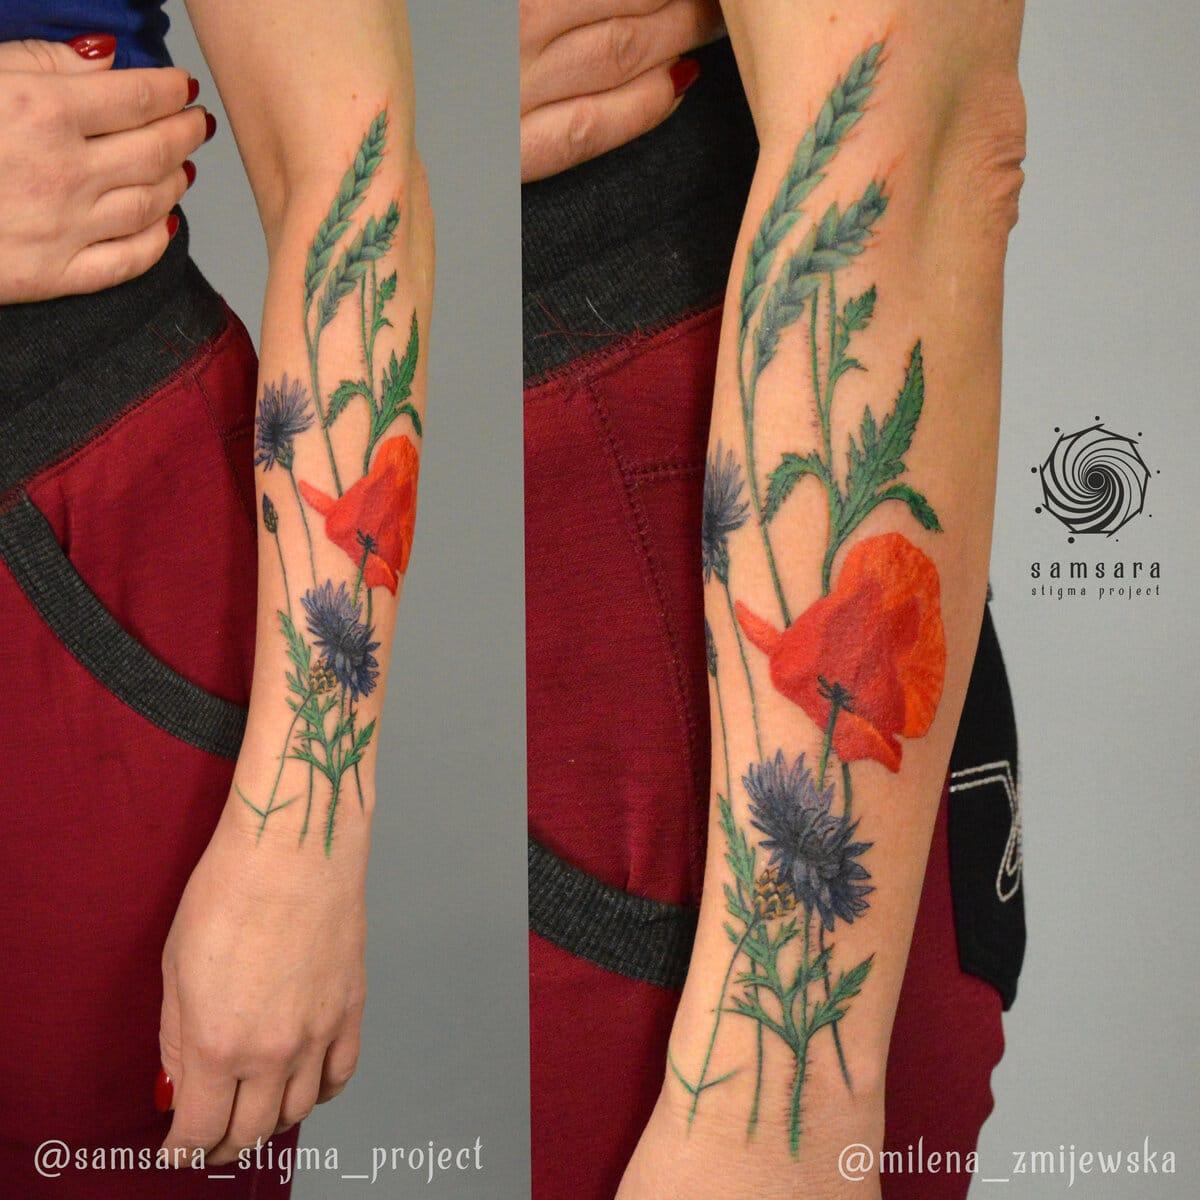 milena-zmijewska-tattoo-artist-flowers-arm